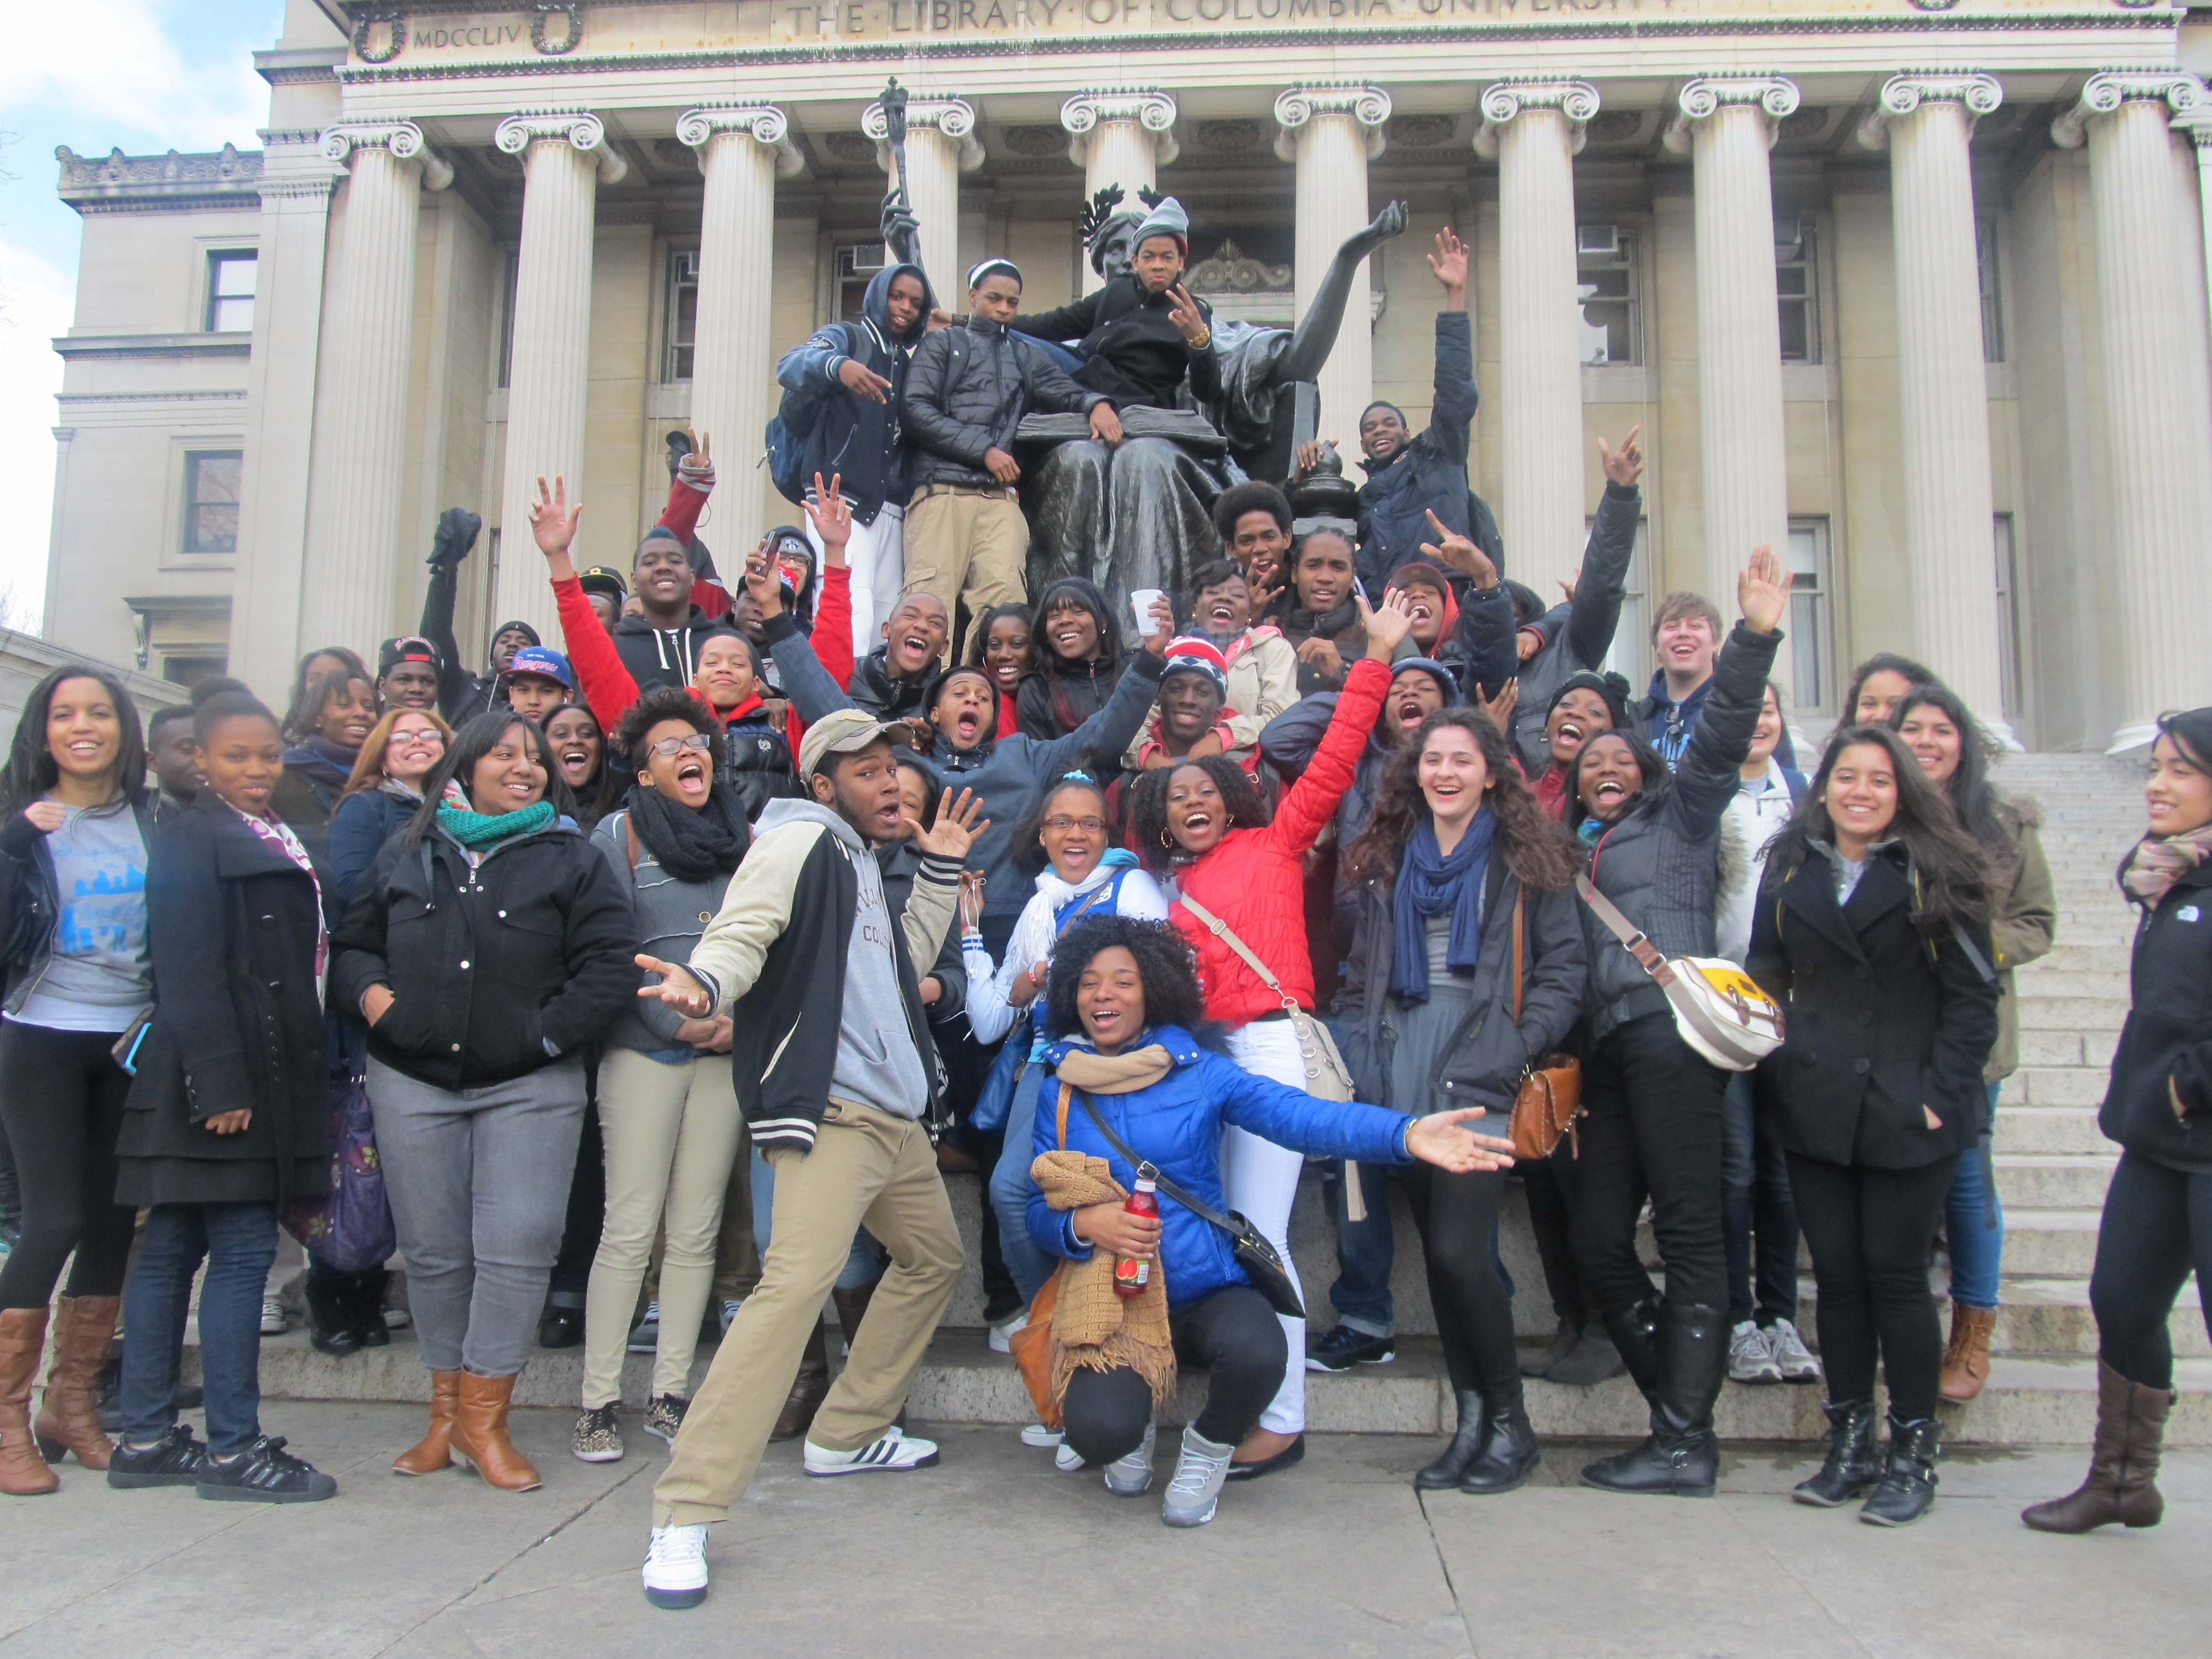 Columbia University, 2013